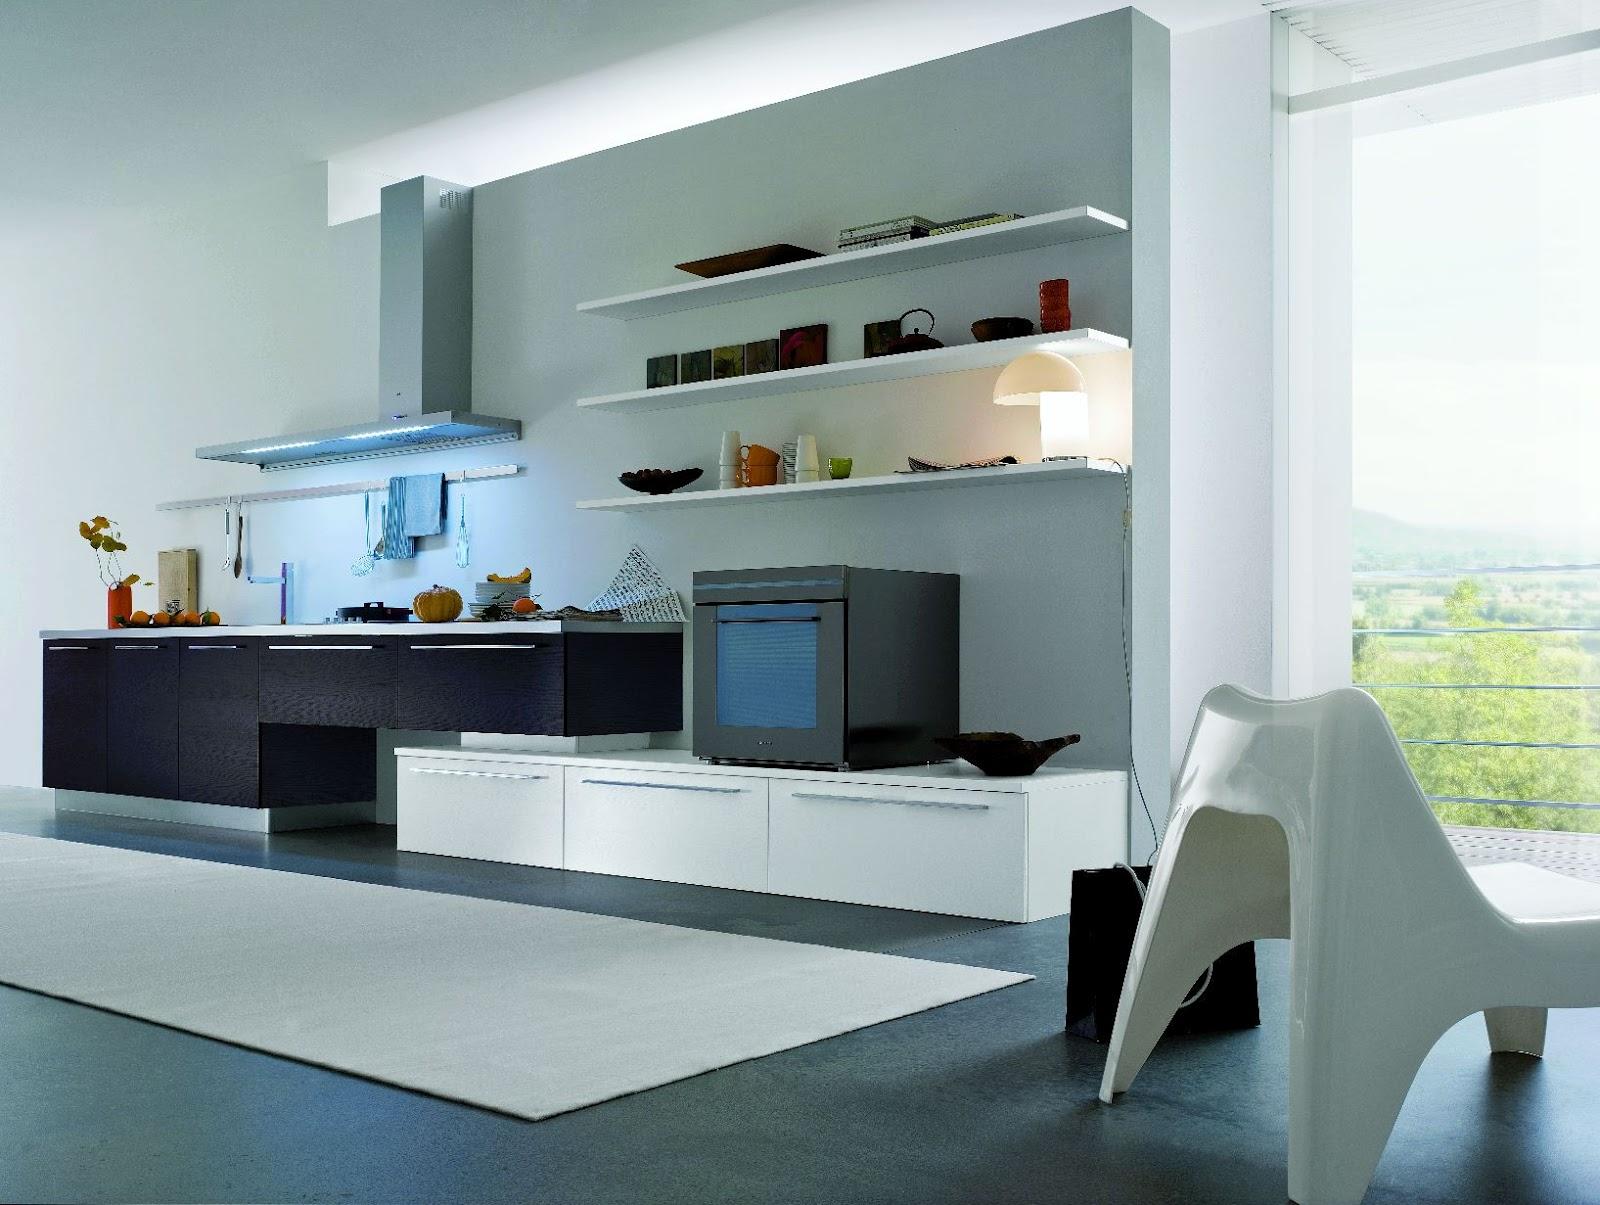 Cuisine design concept pr l vement d for Deco cuisine design